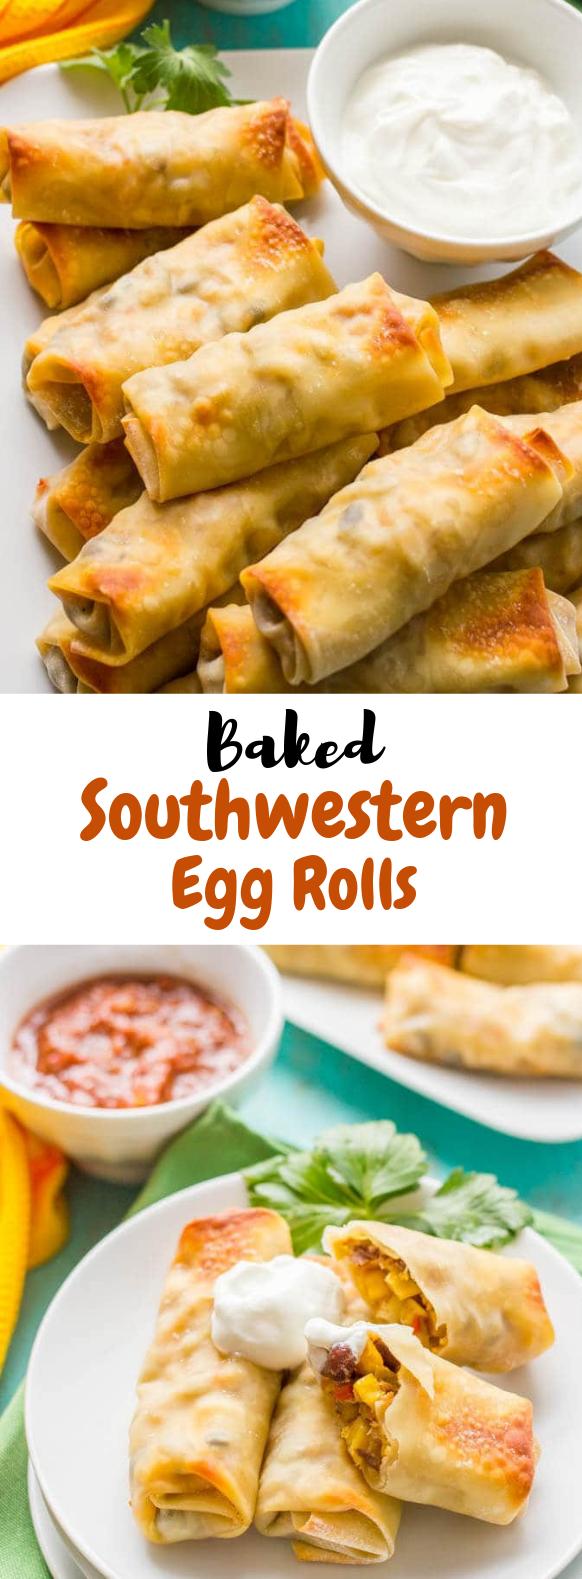 BAKED SOUTHWESTERN EGG ROLLS #Appetizer #Egg